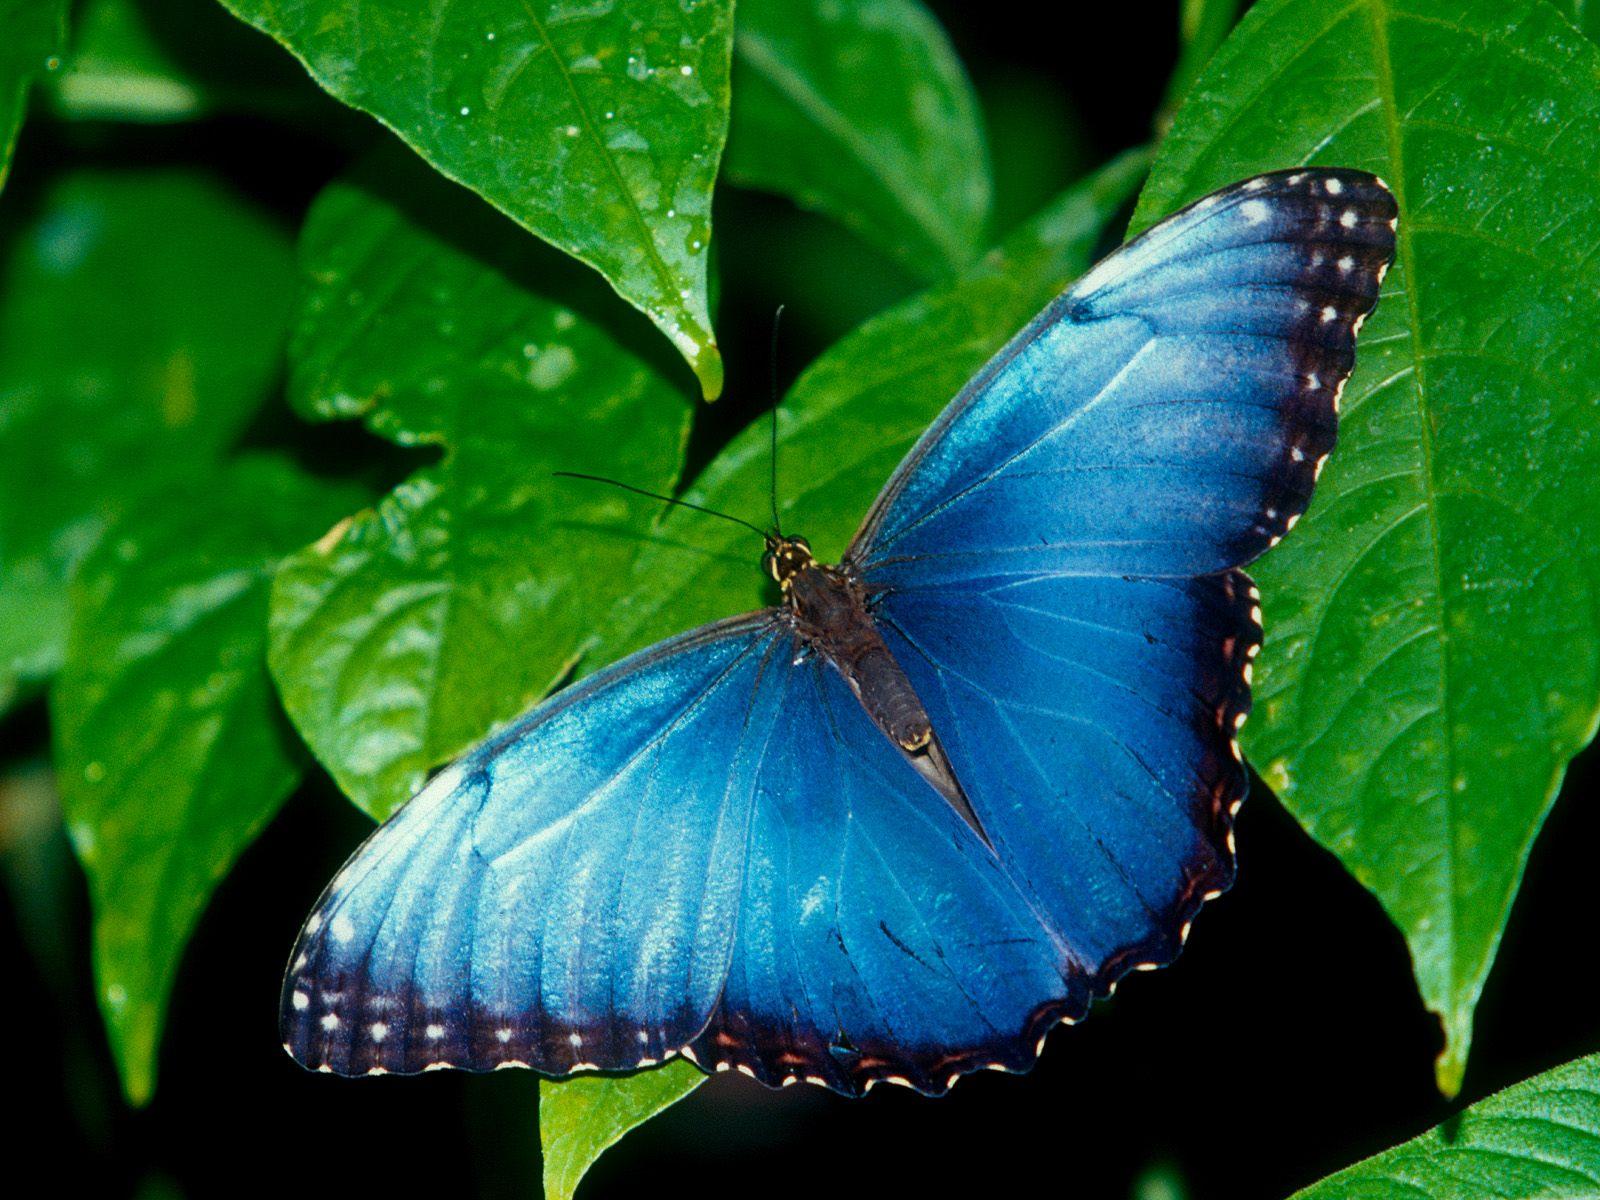 красивая яркая синяя бабочка, скачать фото